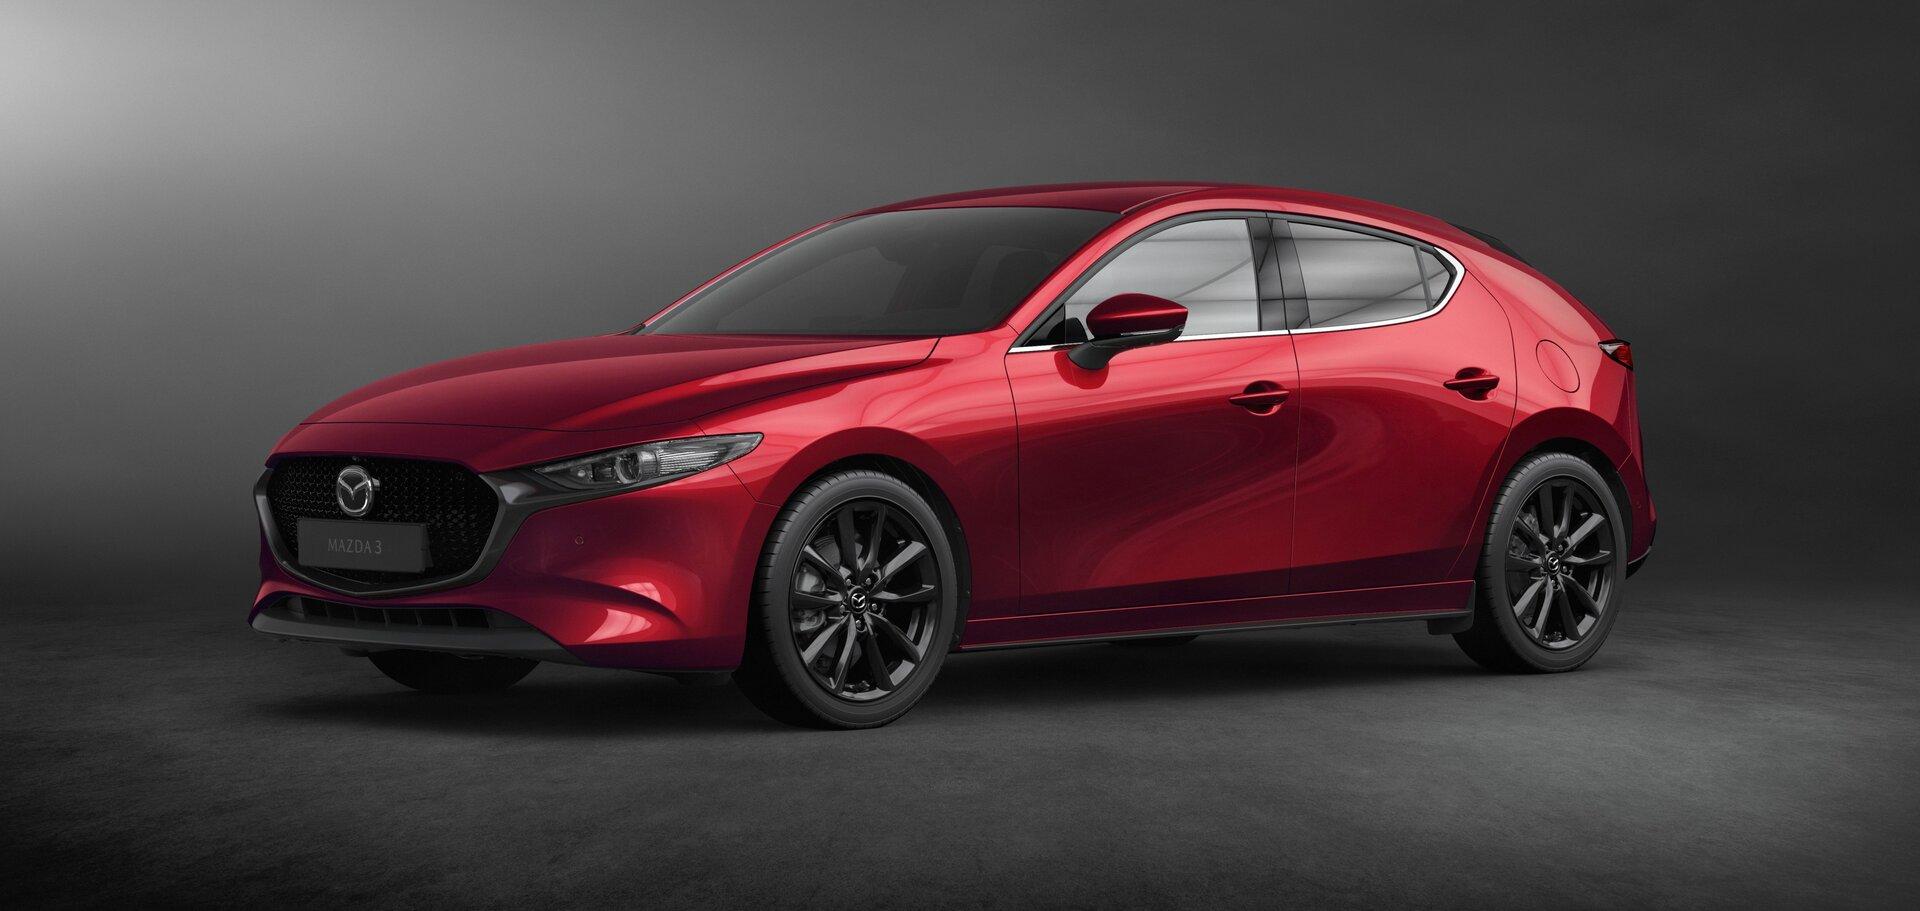 Nuova Mazda 3 informazioni allestimenti e prezzi